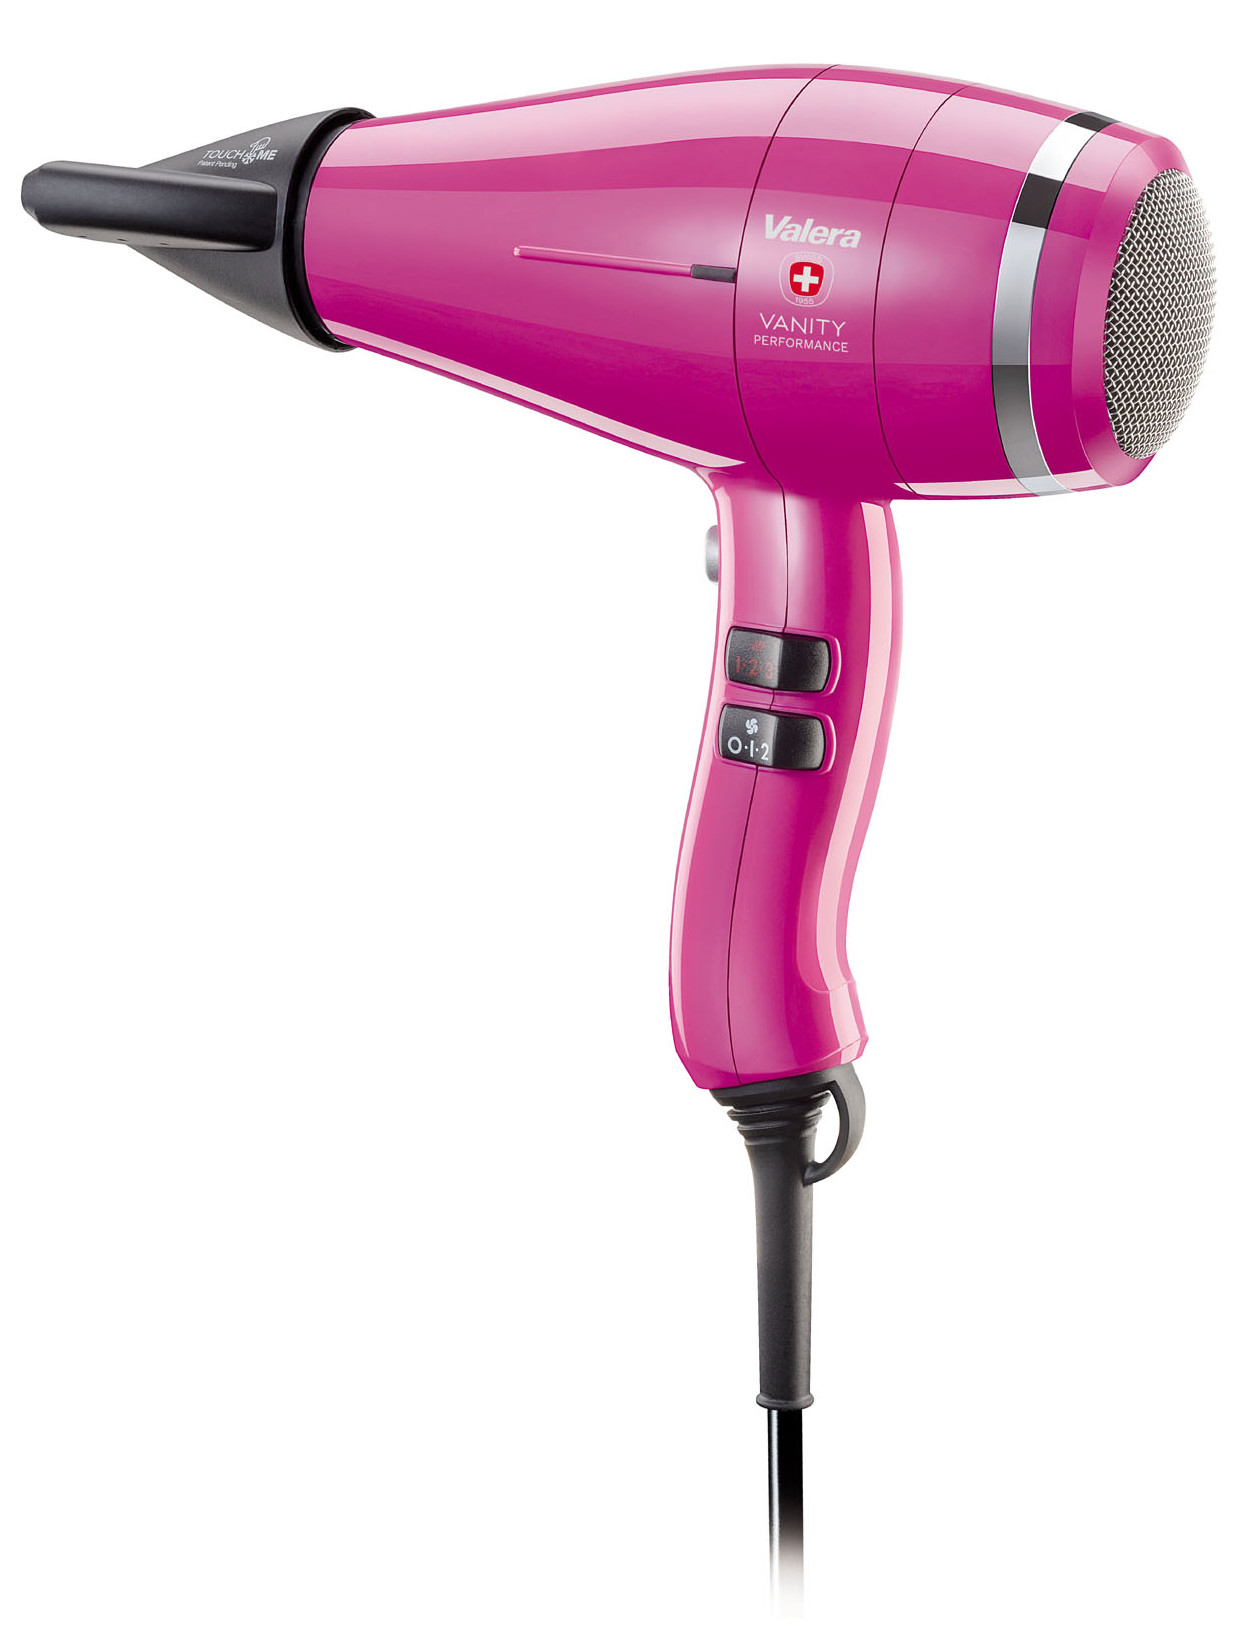 Profesionální fén Valera Vanity Performance Hot Pink - 2400 W, růžový (VA8612RCHP) + DÁREK ZDARMA